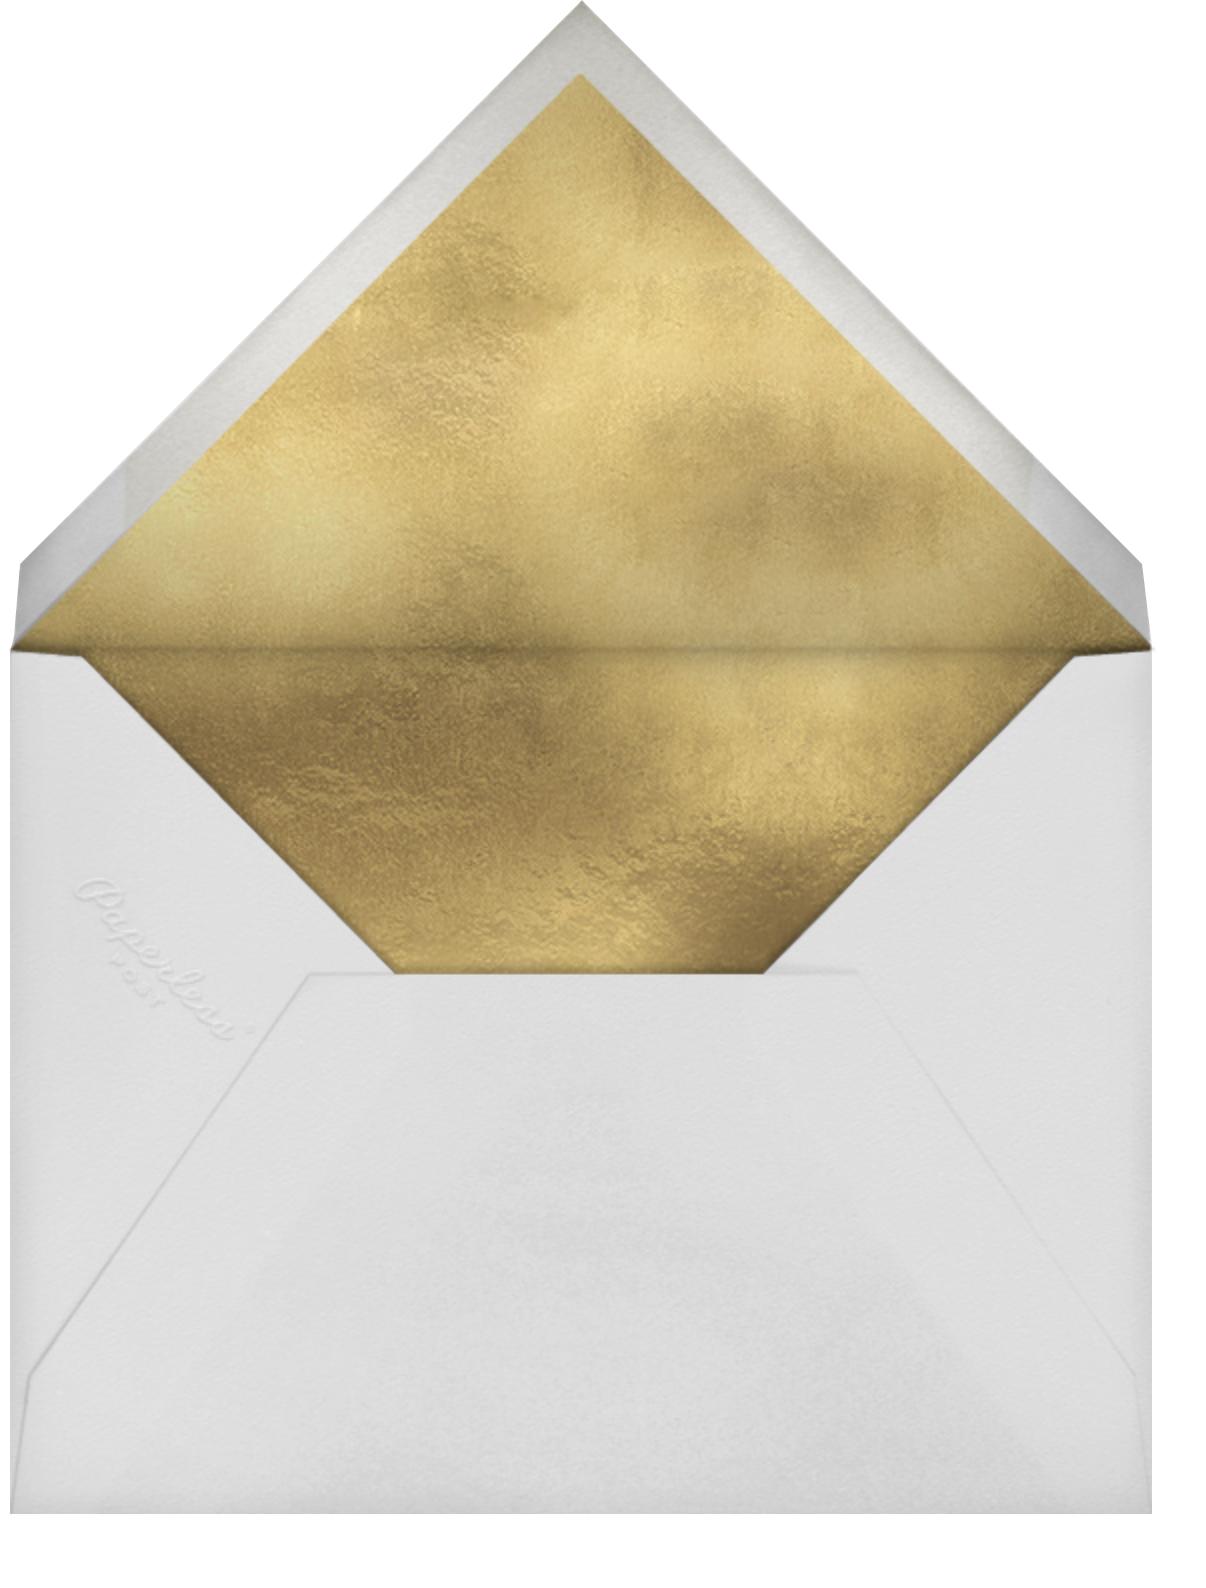 Gut Yontiff Greeting - White - Paperless Post - Envelope